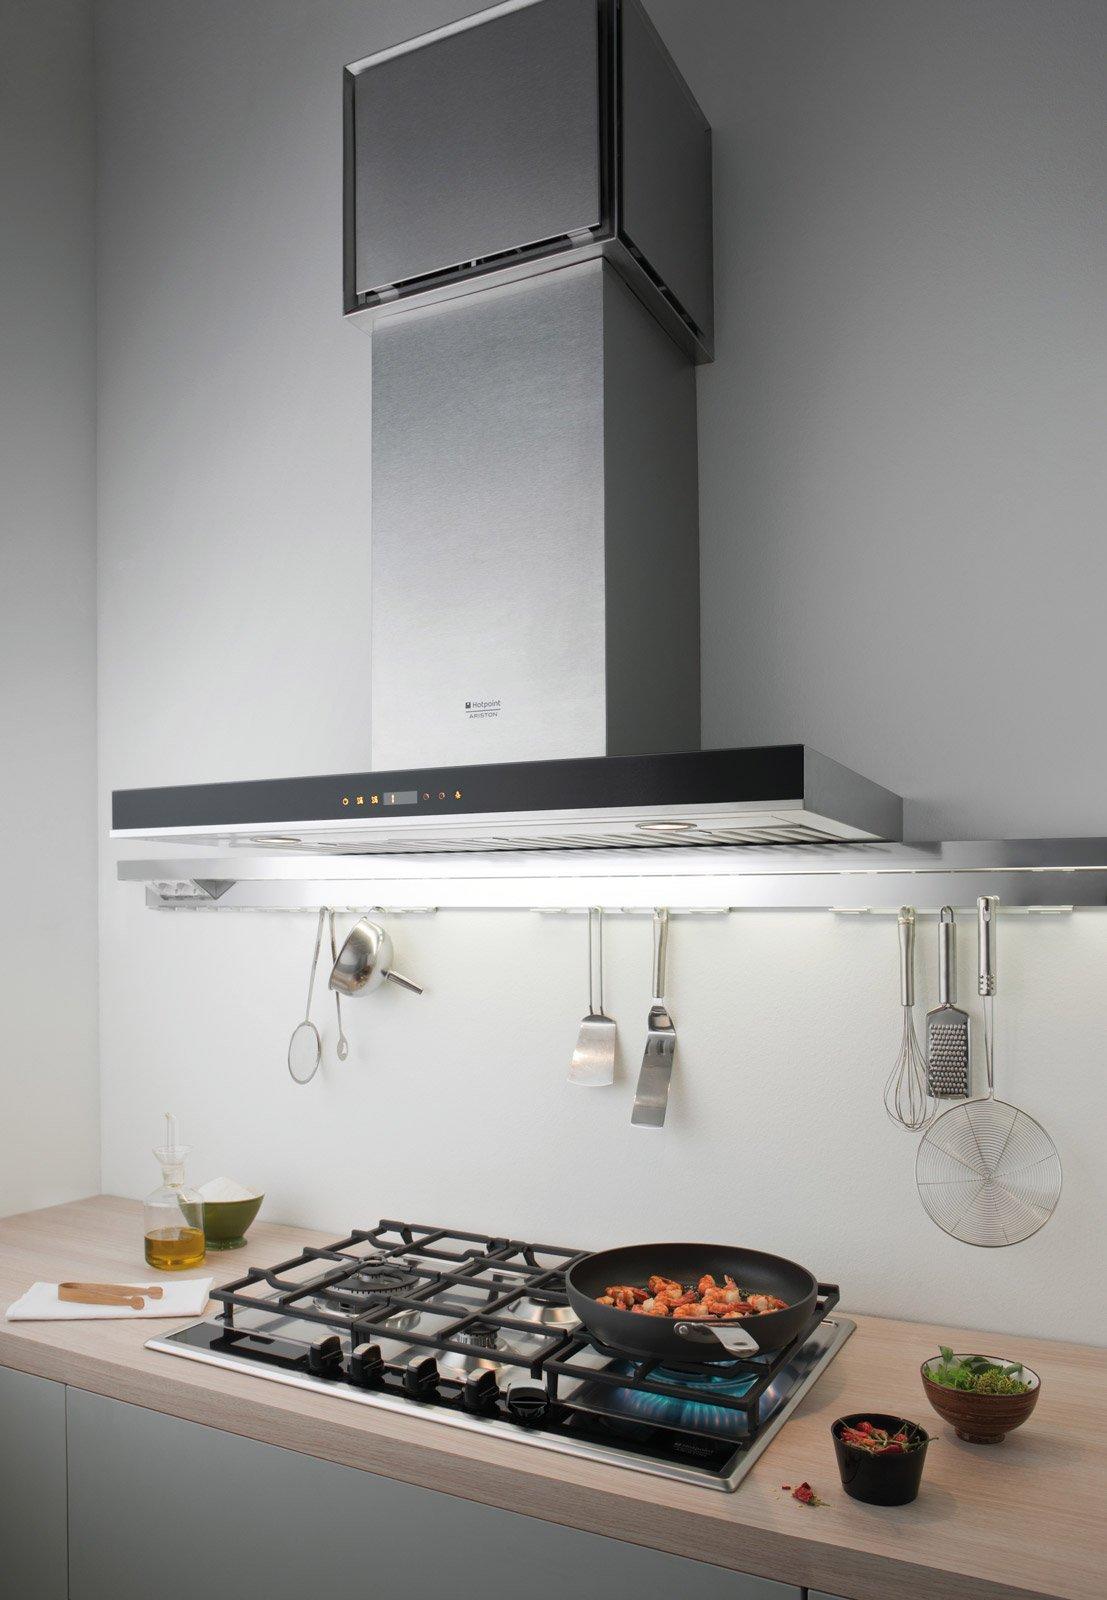 Come scegliere la cappa della cucina cose di casa - Cappa cucina aspirante ...